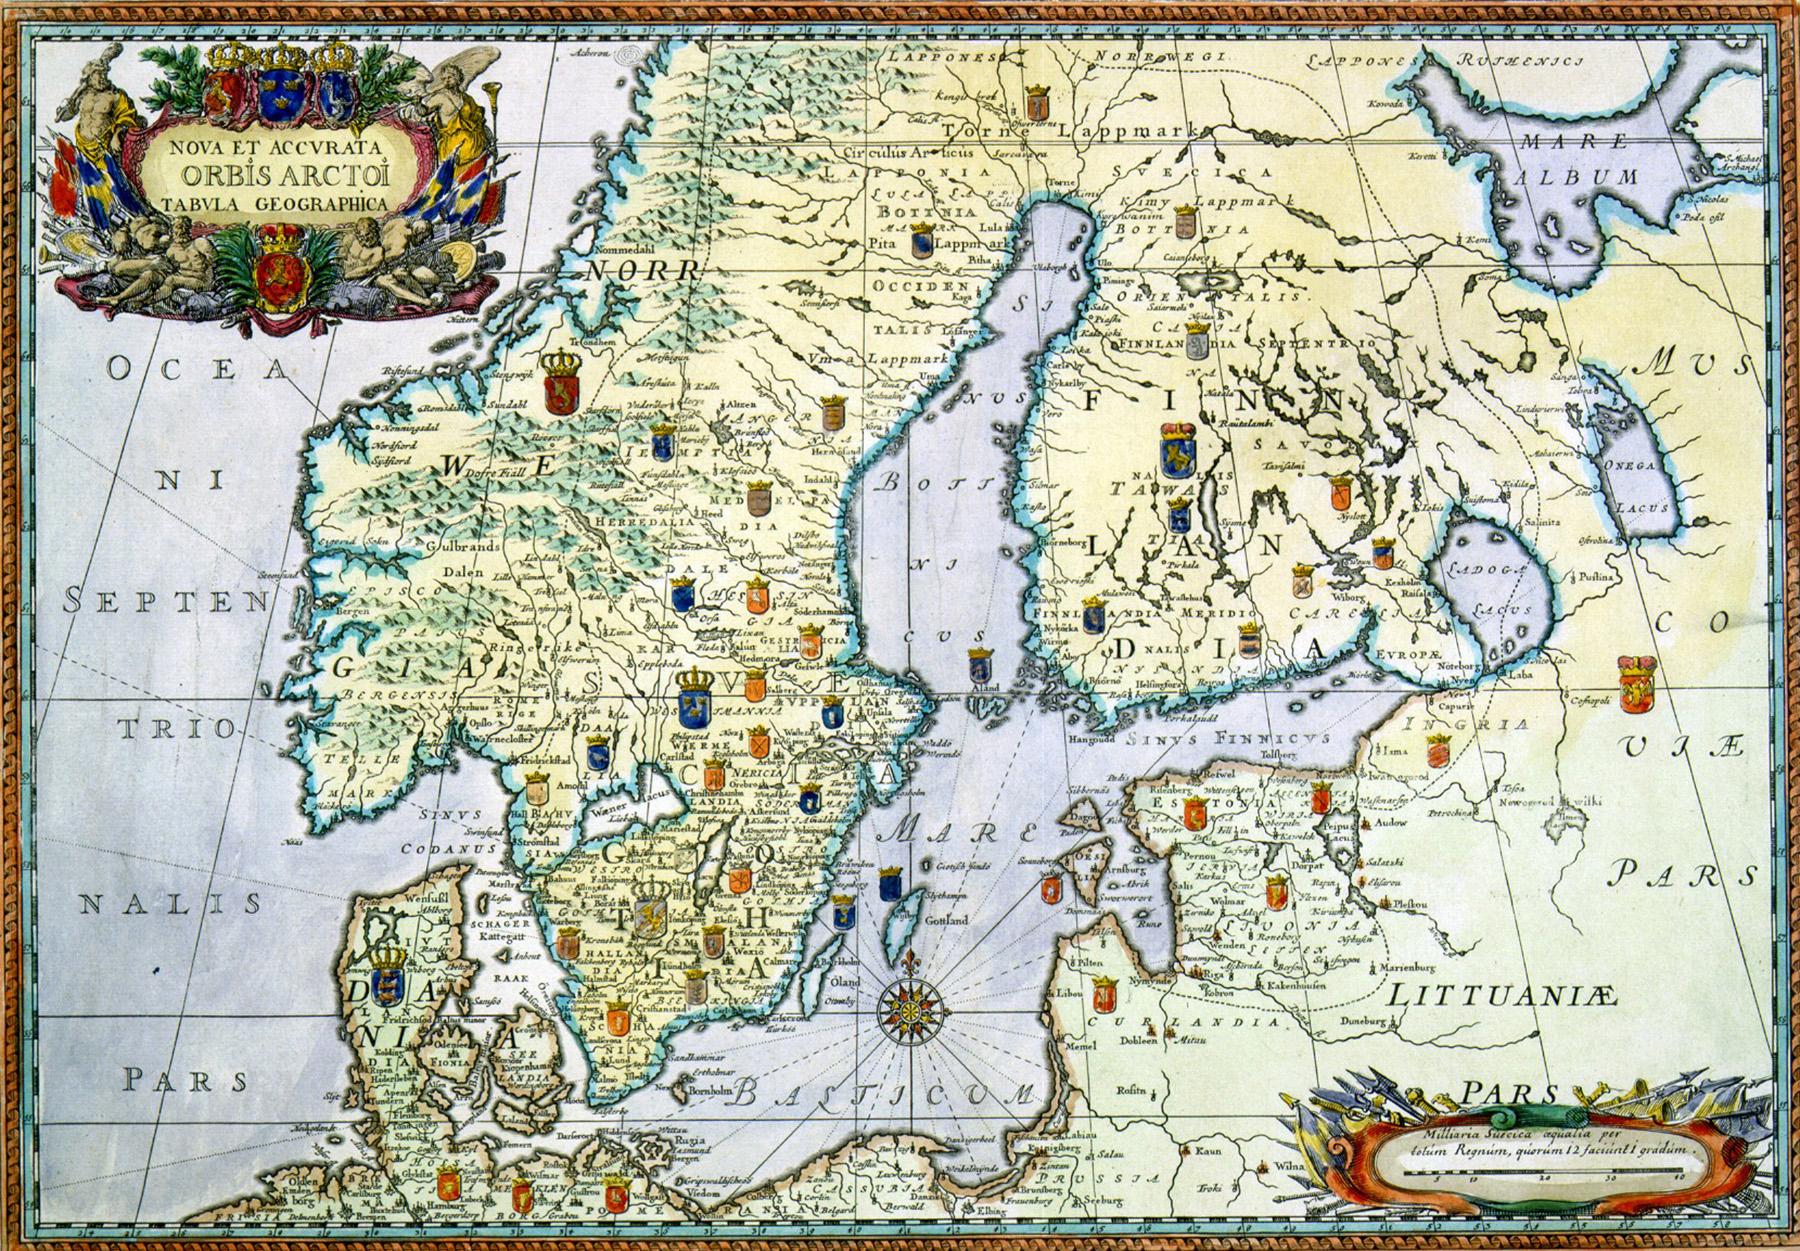 Kartta Heikki Rantatupa historialliset kartat portaalista (www.vanhakartta.fi). Ulkomaankartat: Ruotsin valtakunta. 1696. Alkuperä: Avoimen tiedon keskus / Jyväskylän yliopisto. Kartan pysyvä osoite: http://urn.fi/URN:NBN:fi:jyu-201009242736. CC0